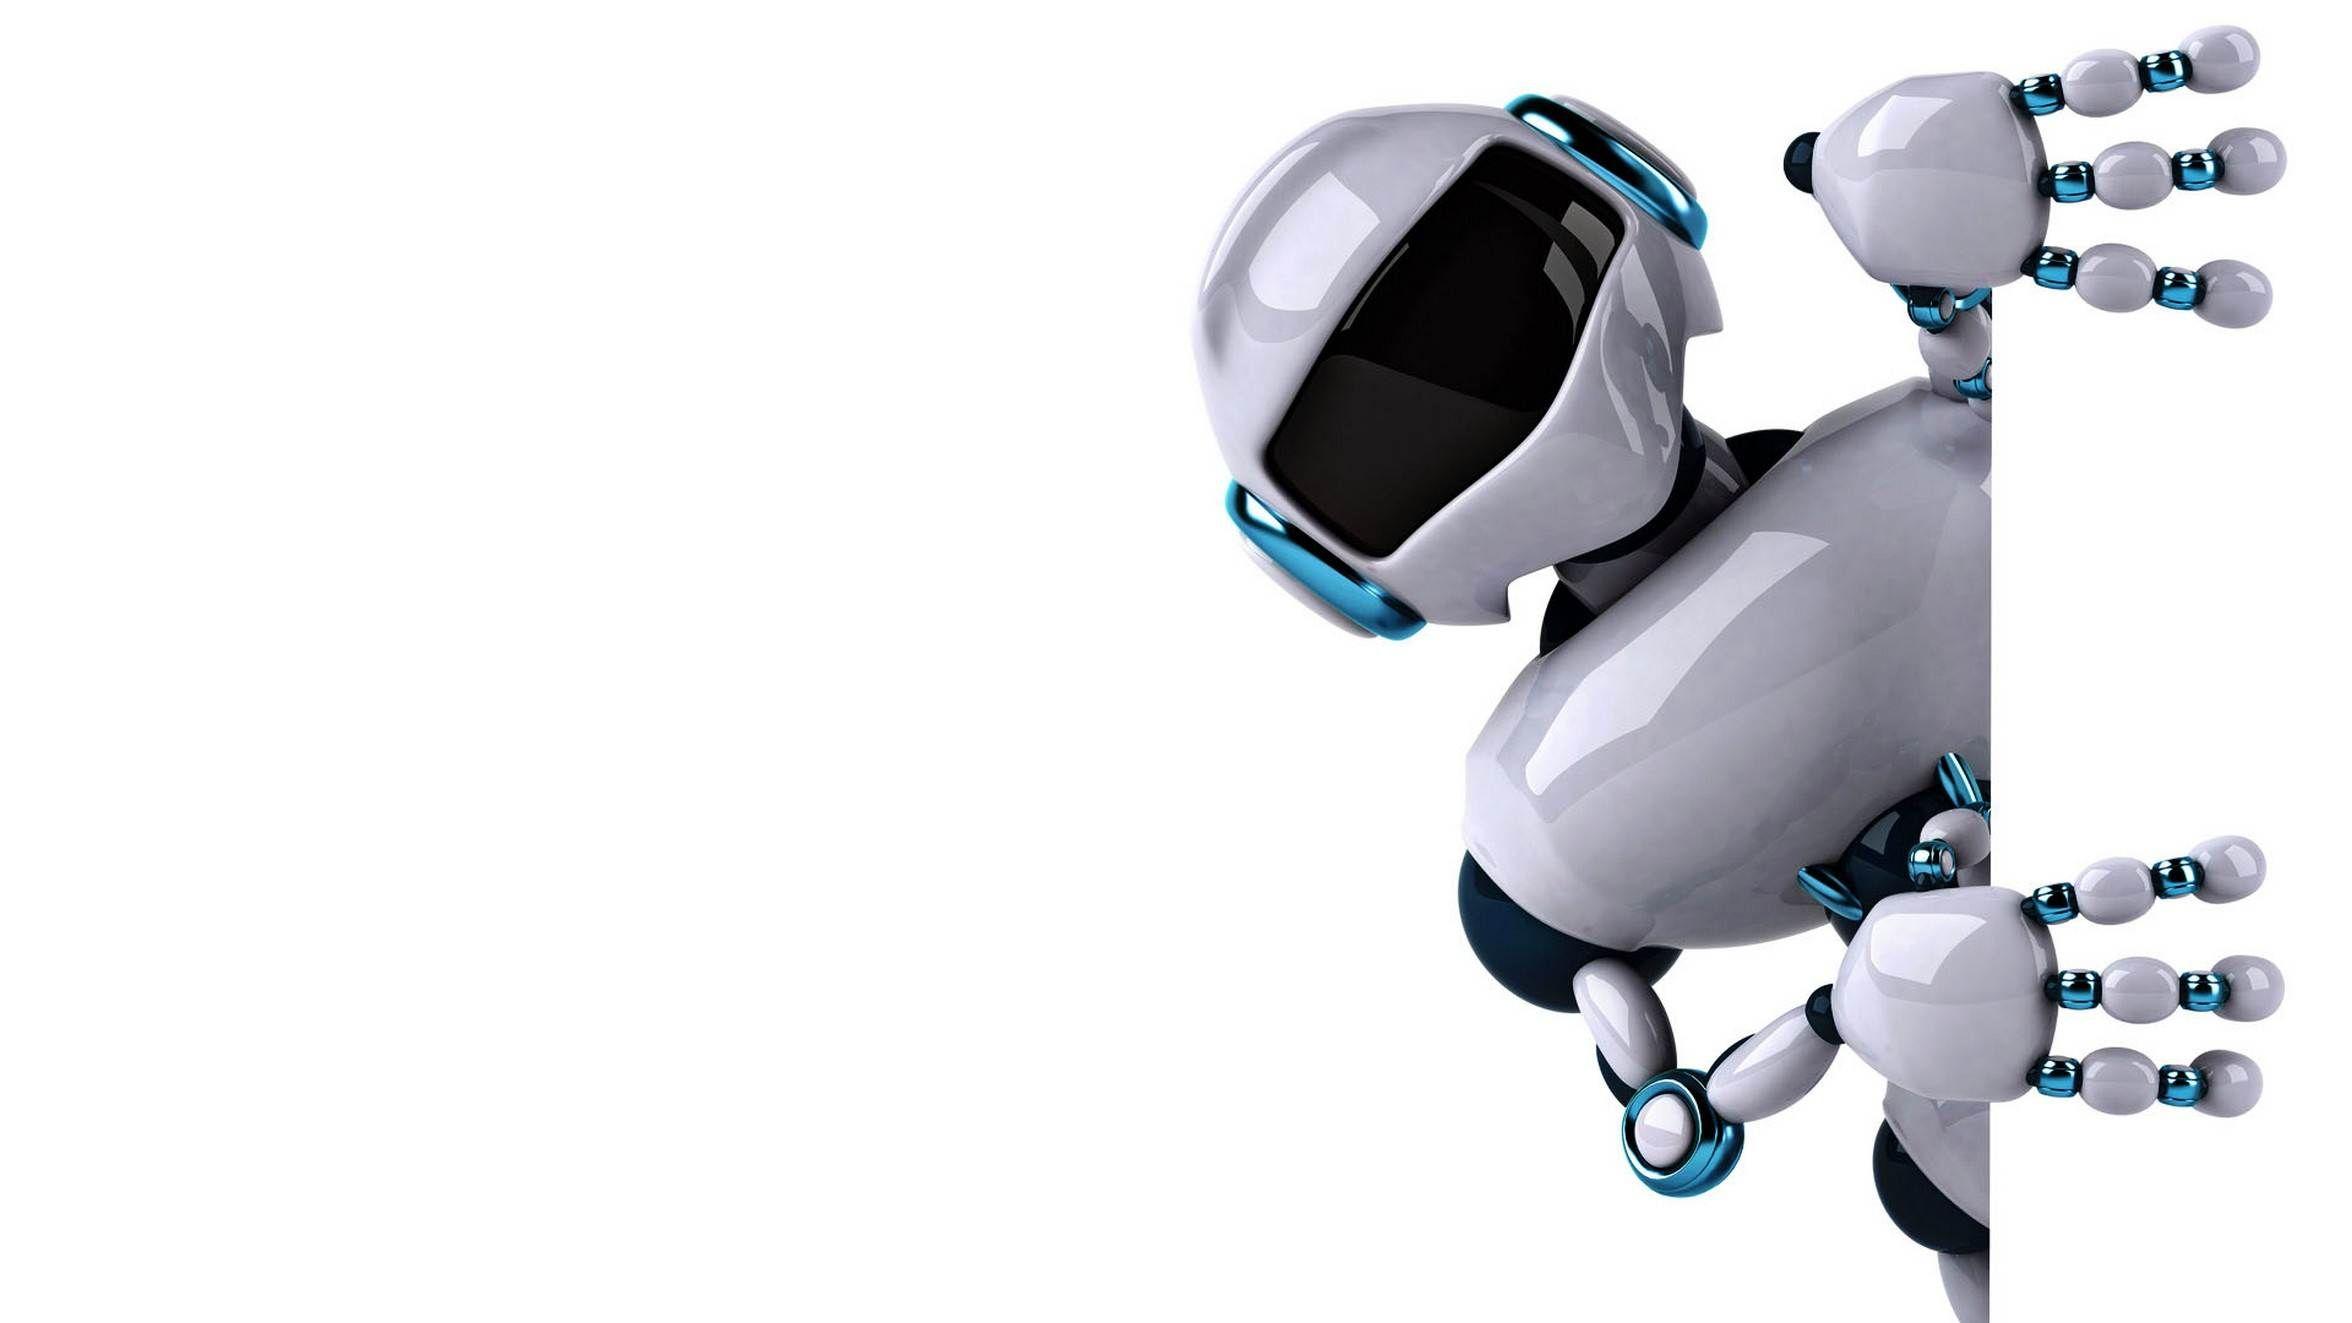 cool artificial intelligence robot wallpaper 14 HD